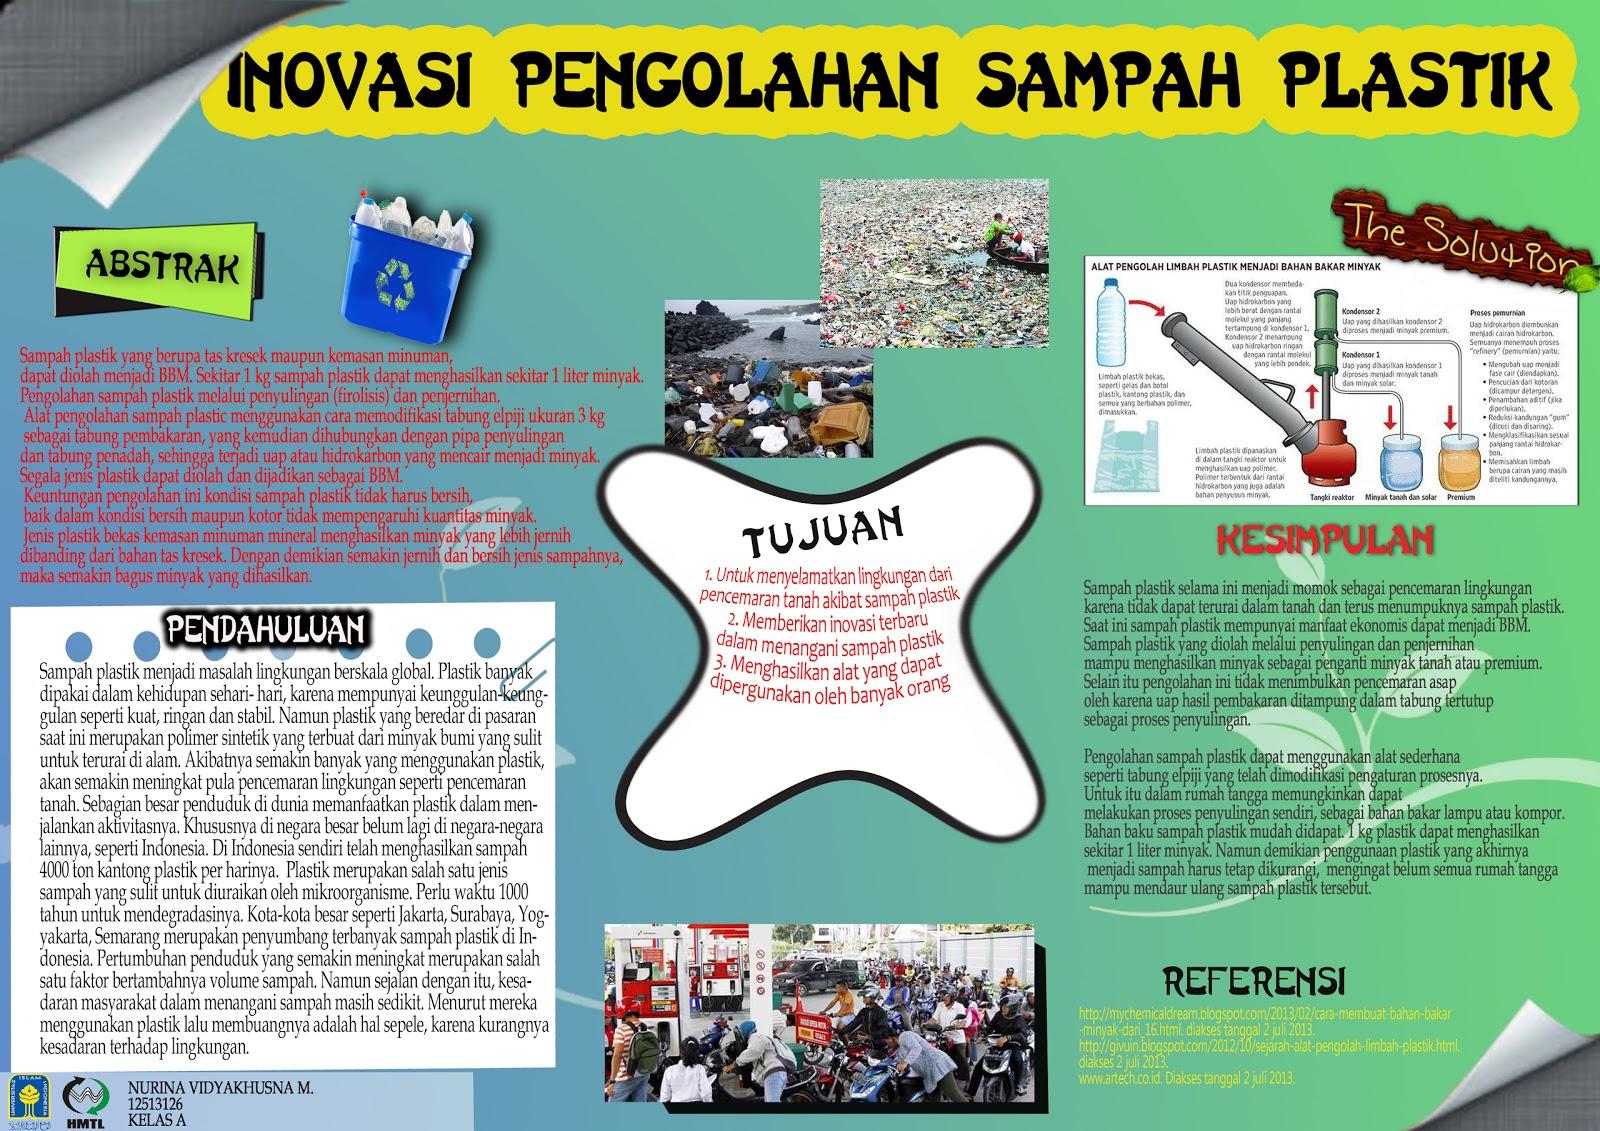 POSTER INOVASI PENGOLAHAN SAMPAH PLASTIK Environmental